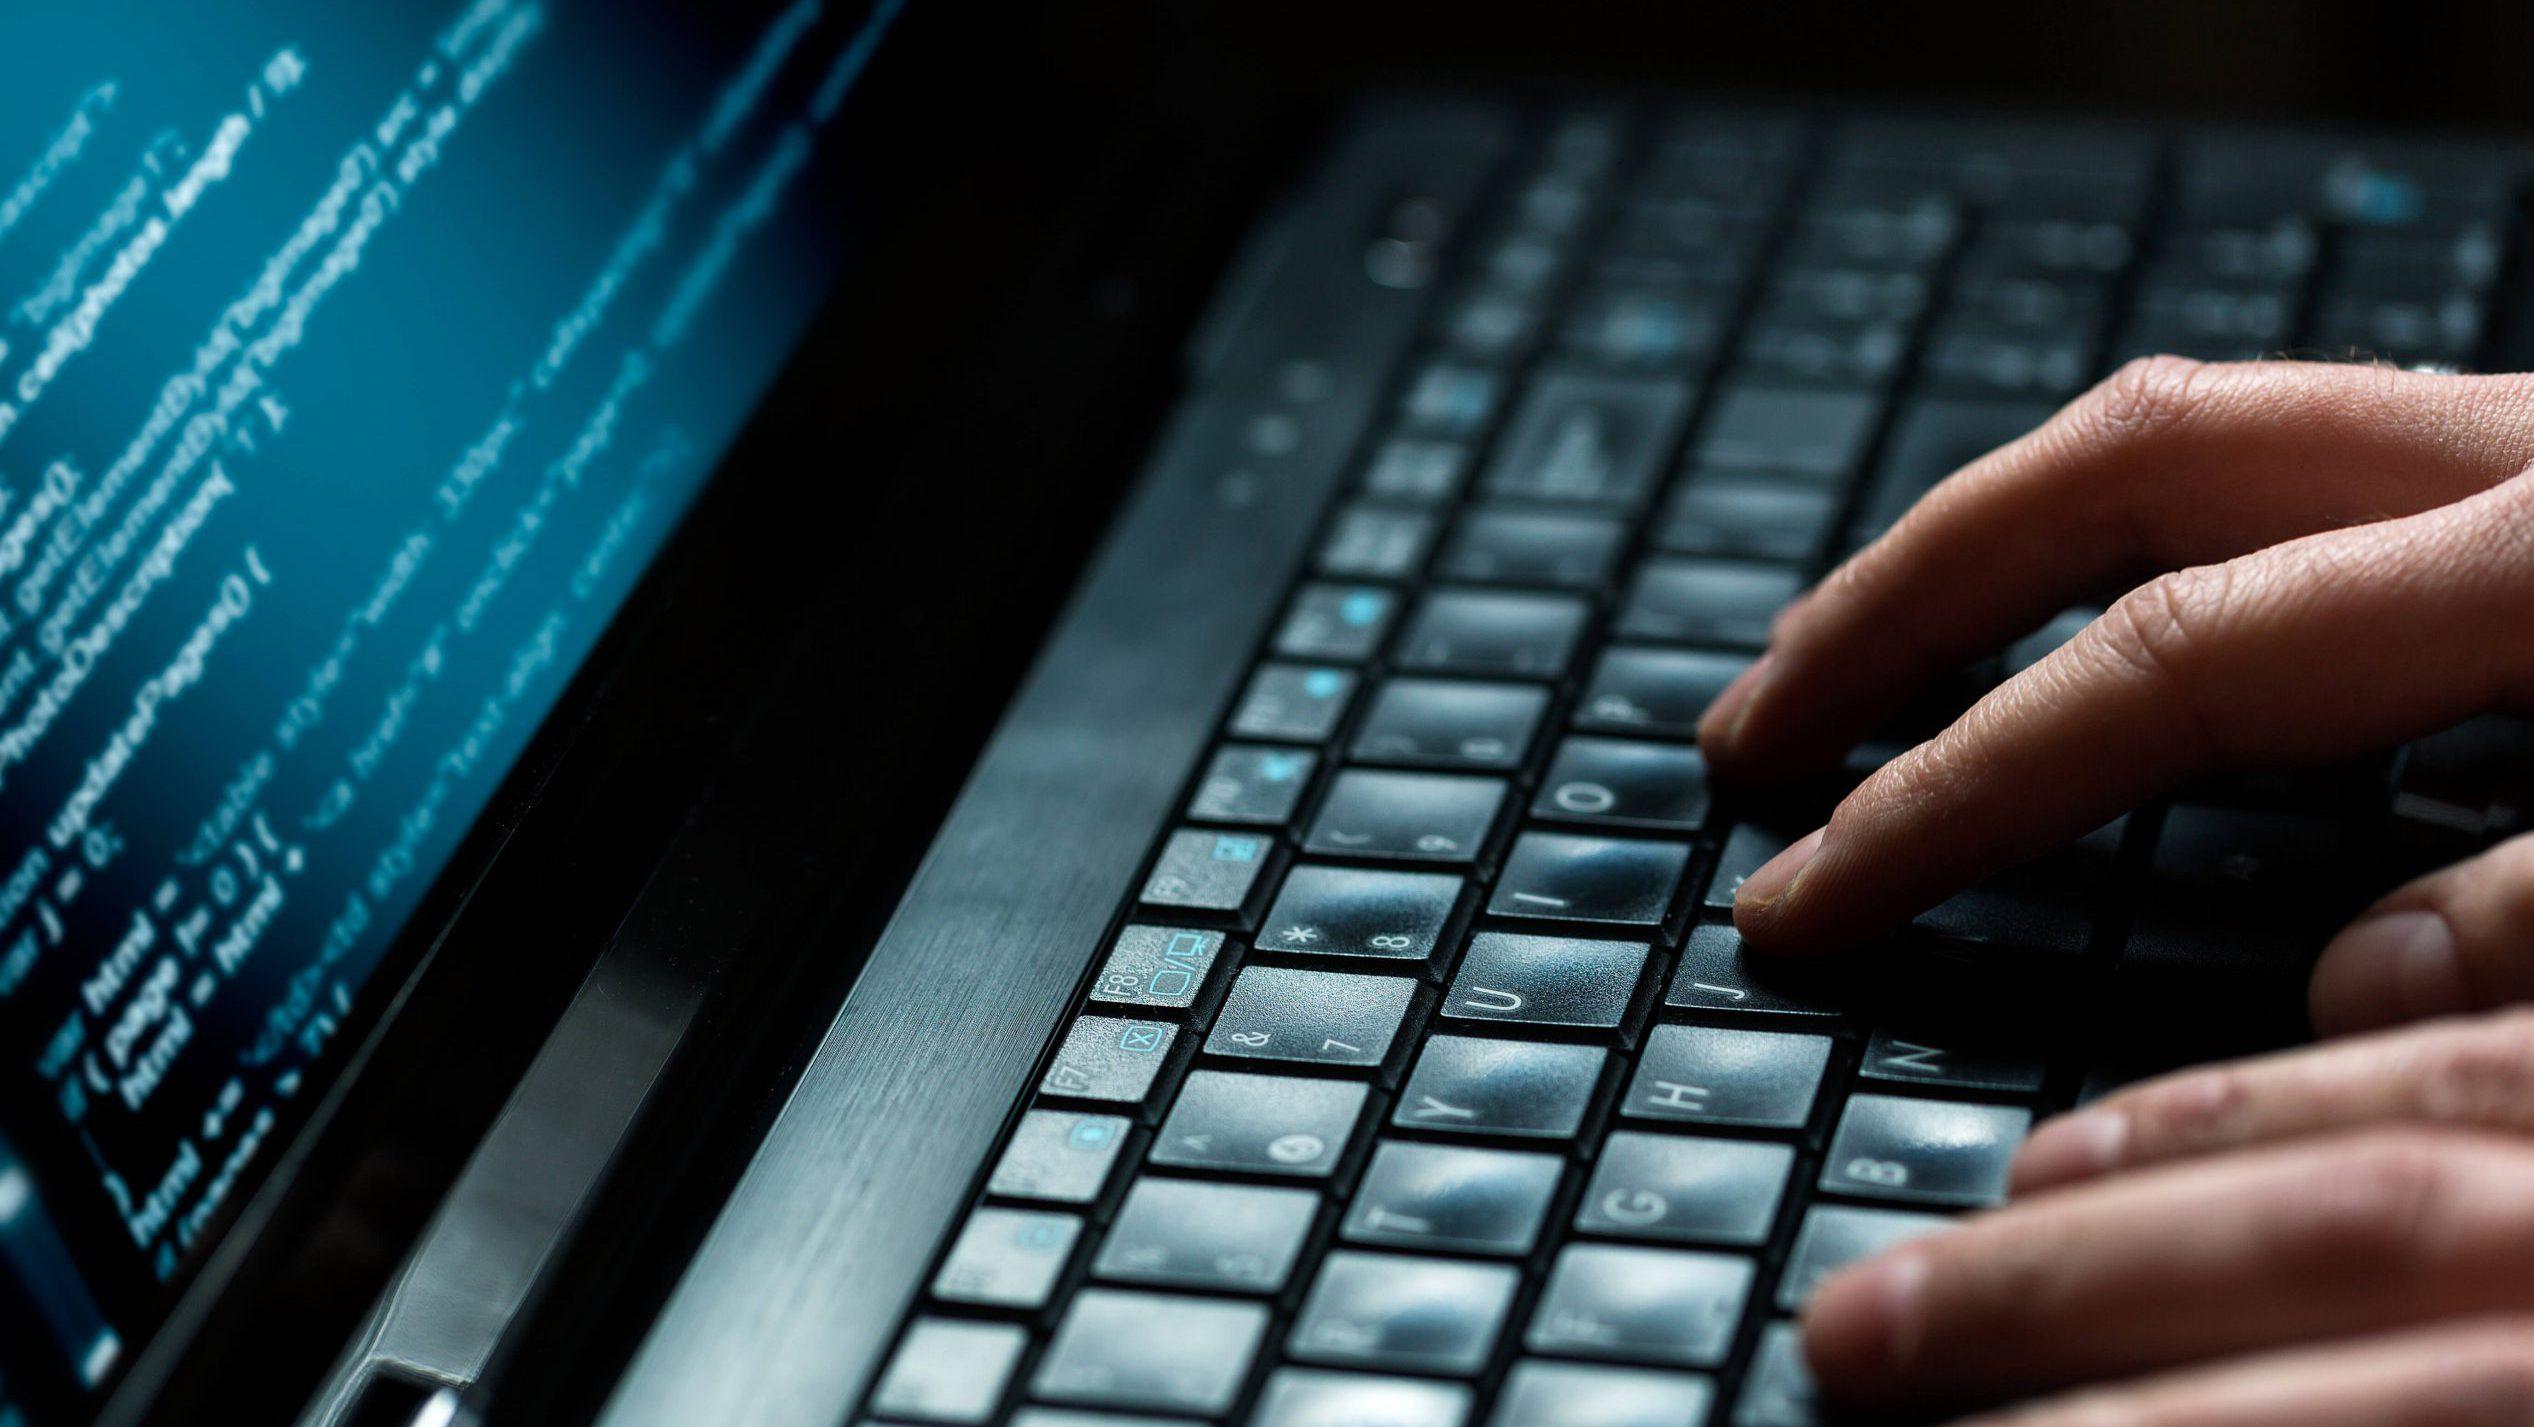 close up og hands on laptop keyboard typing code